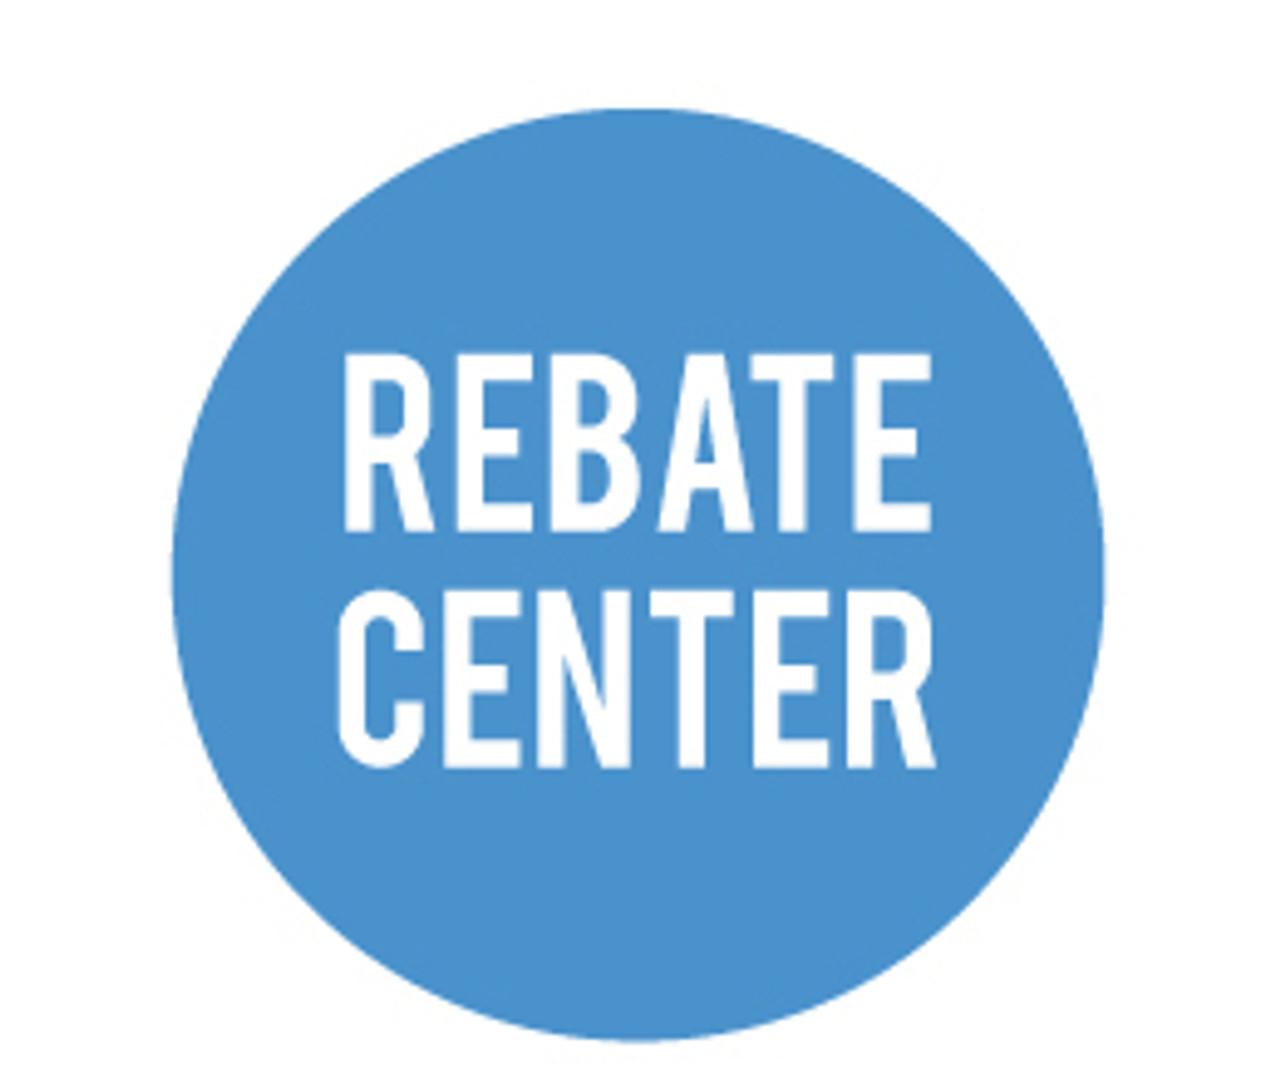 Rebate Center